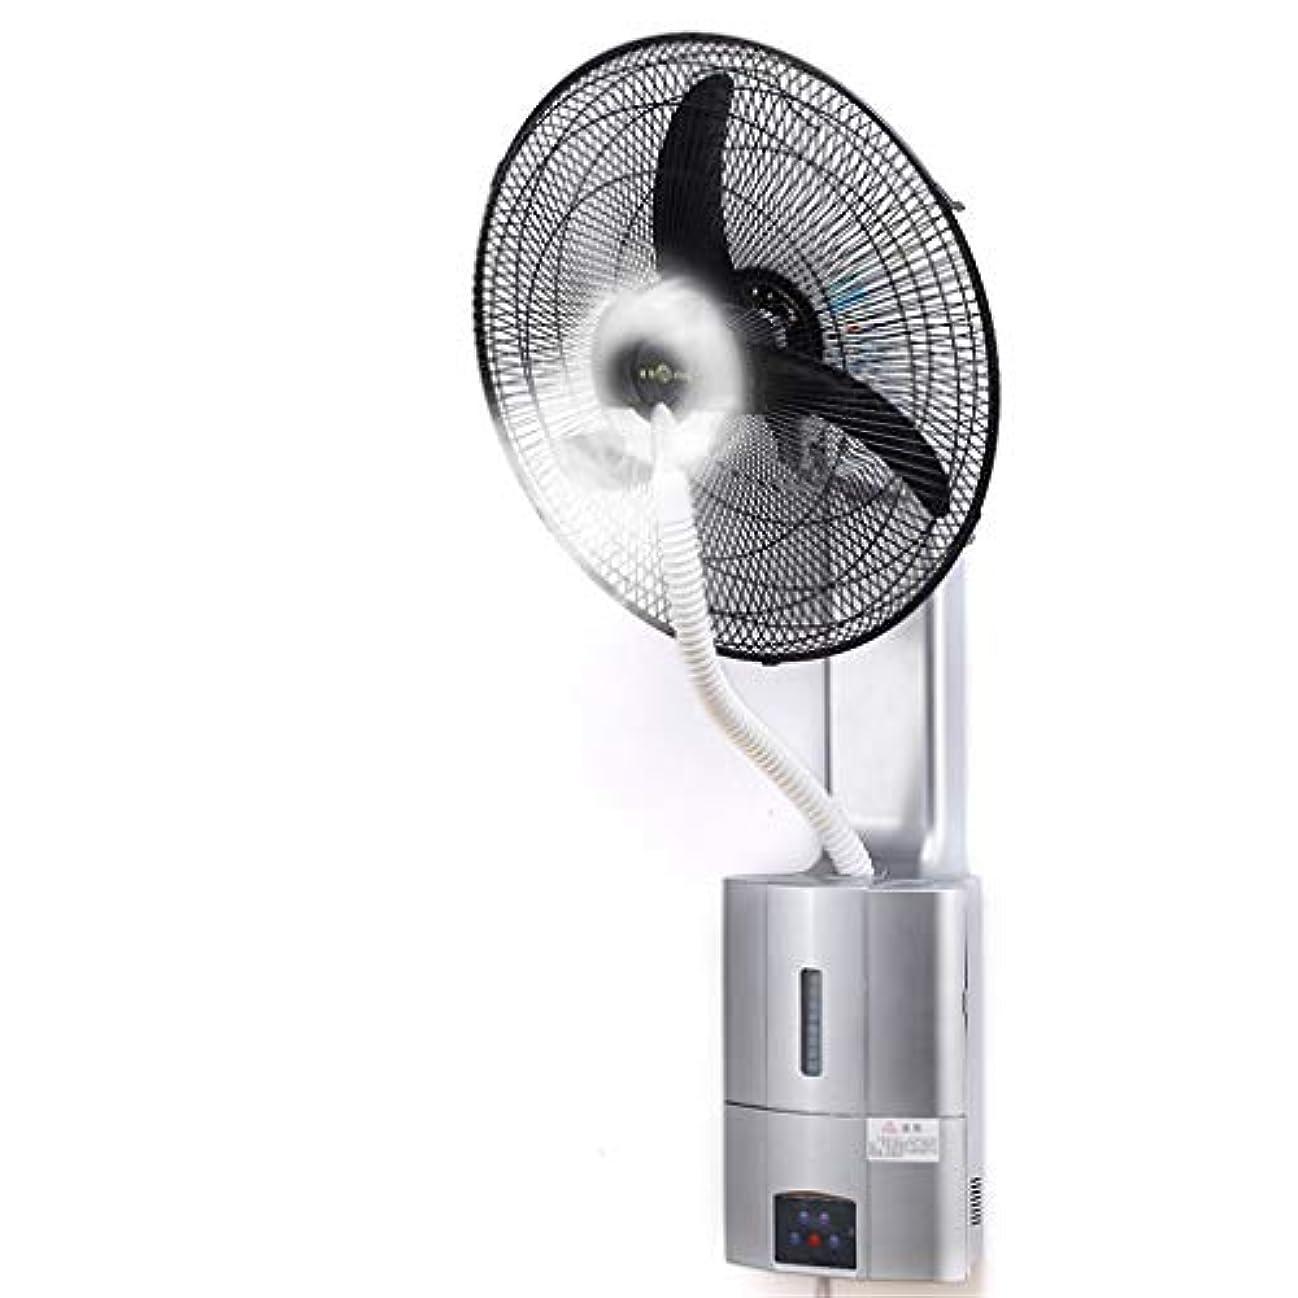 こどもの日失速する必要があるWJW- ウォールマウント式工業用ファンスプレー冷蔵商用水冷式リモートコントロール18インチライトグレー